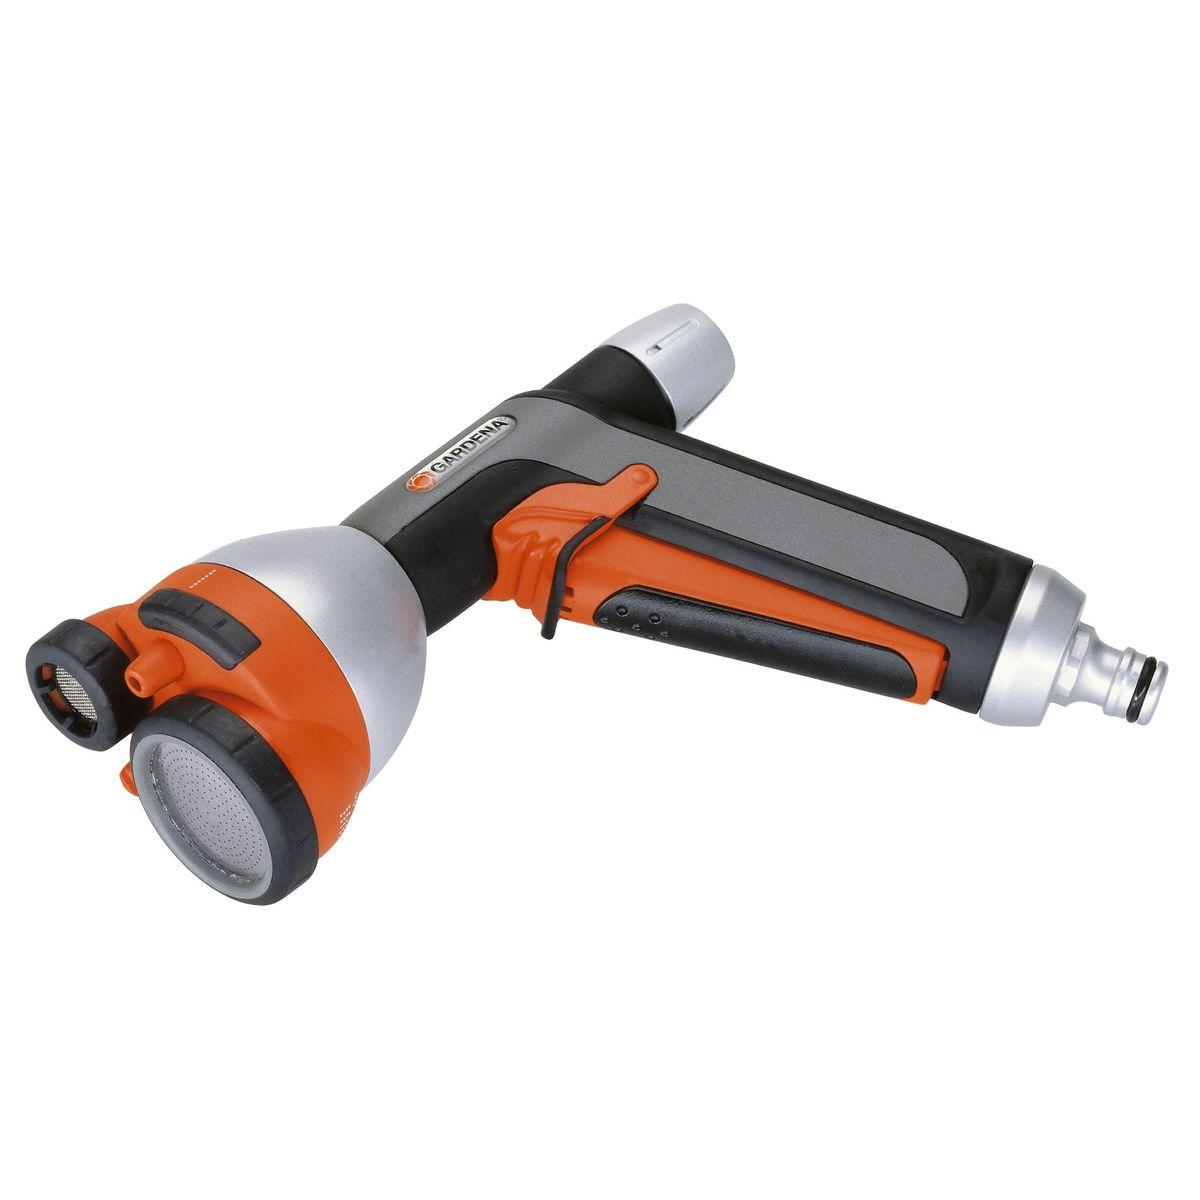 Пистолет для полива многофункциональный металлический Premium Gardena08107-20.000.00полив, дождевание, орошение.